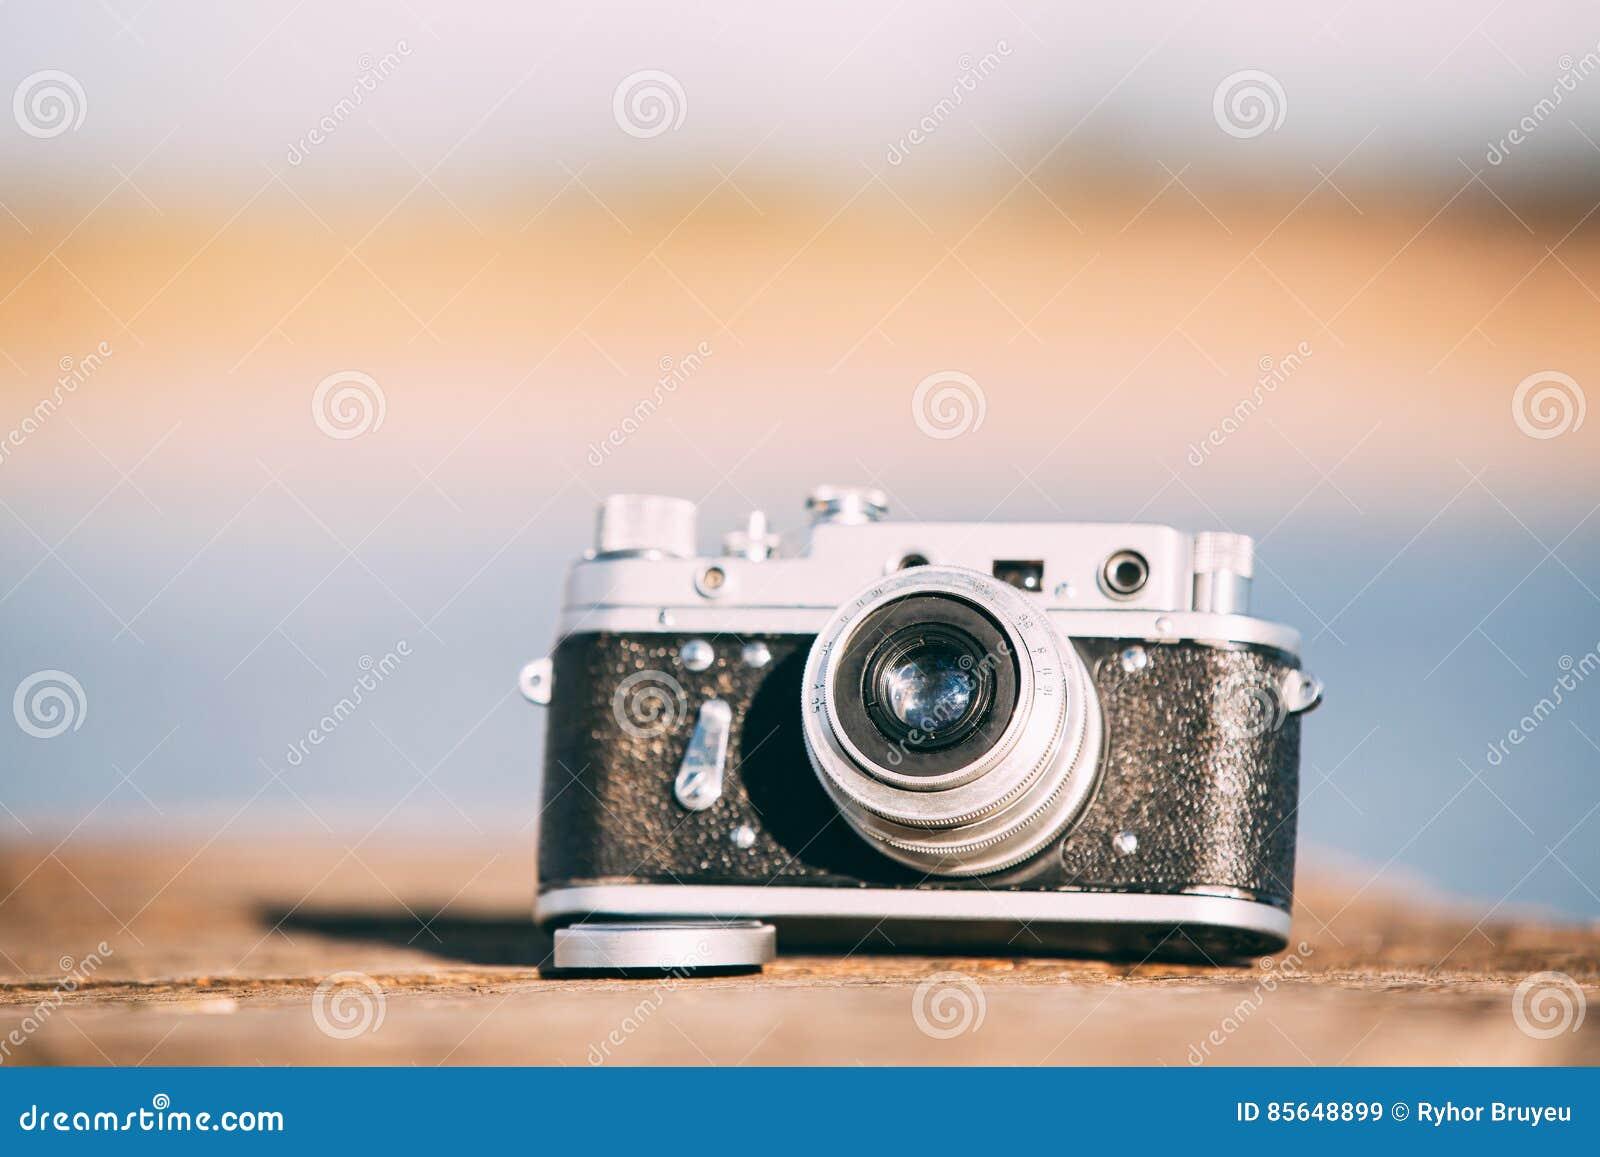 35mm weinlese alte retro klein format entfernungsmesser kamera auf